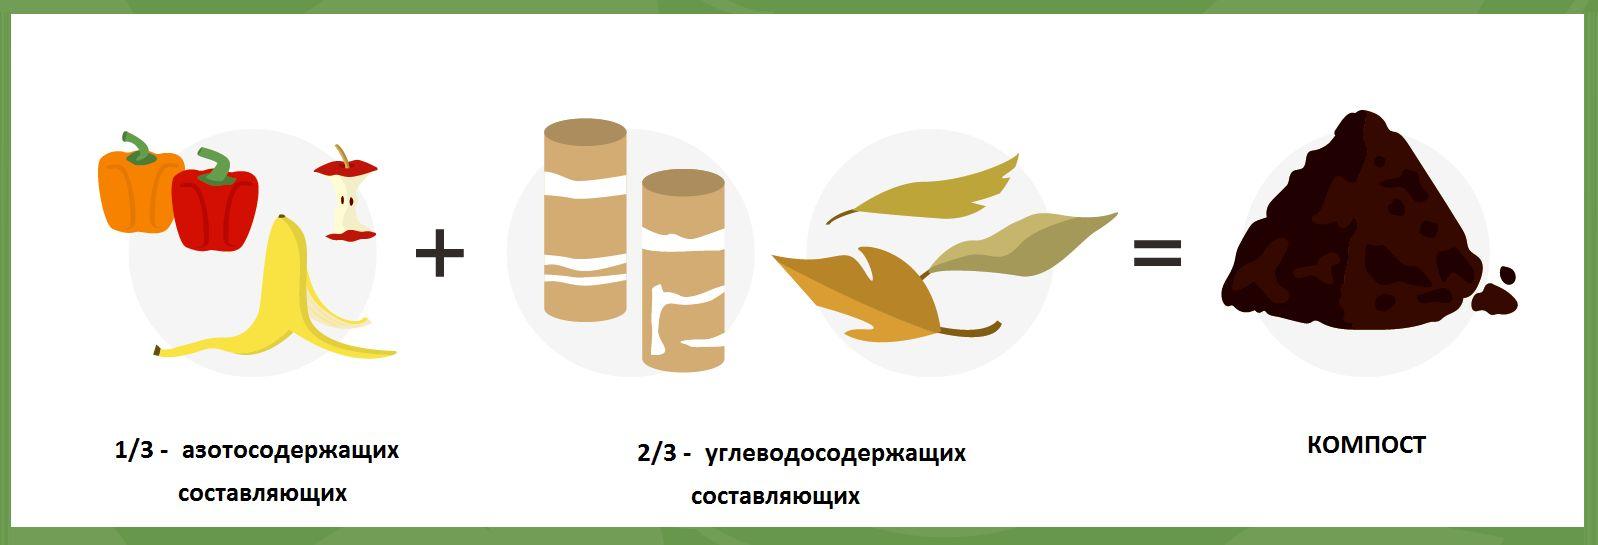 Советы садоводов о компосте